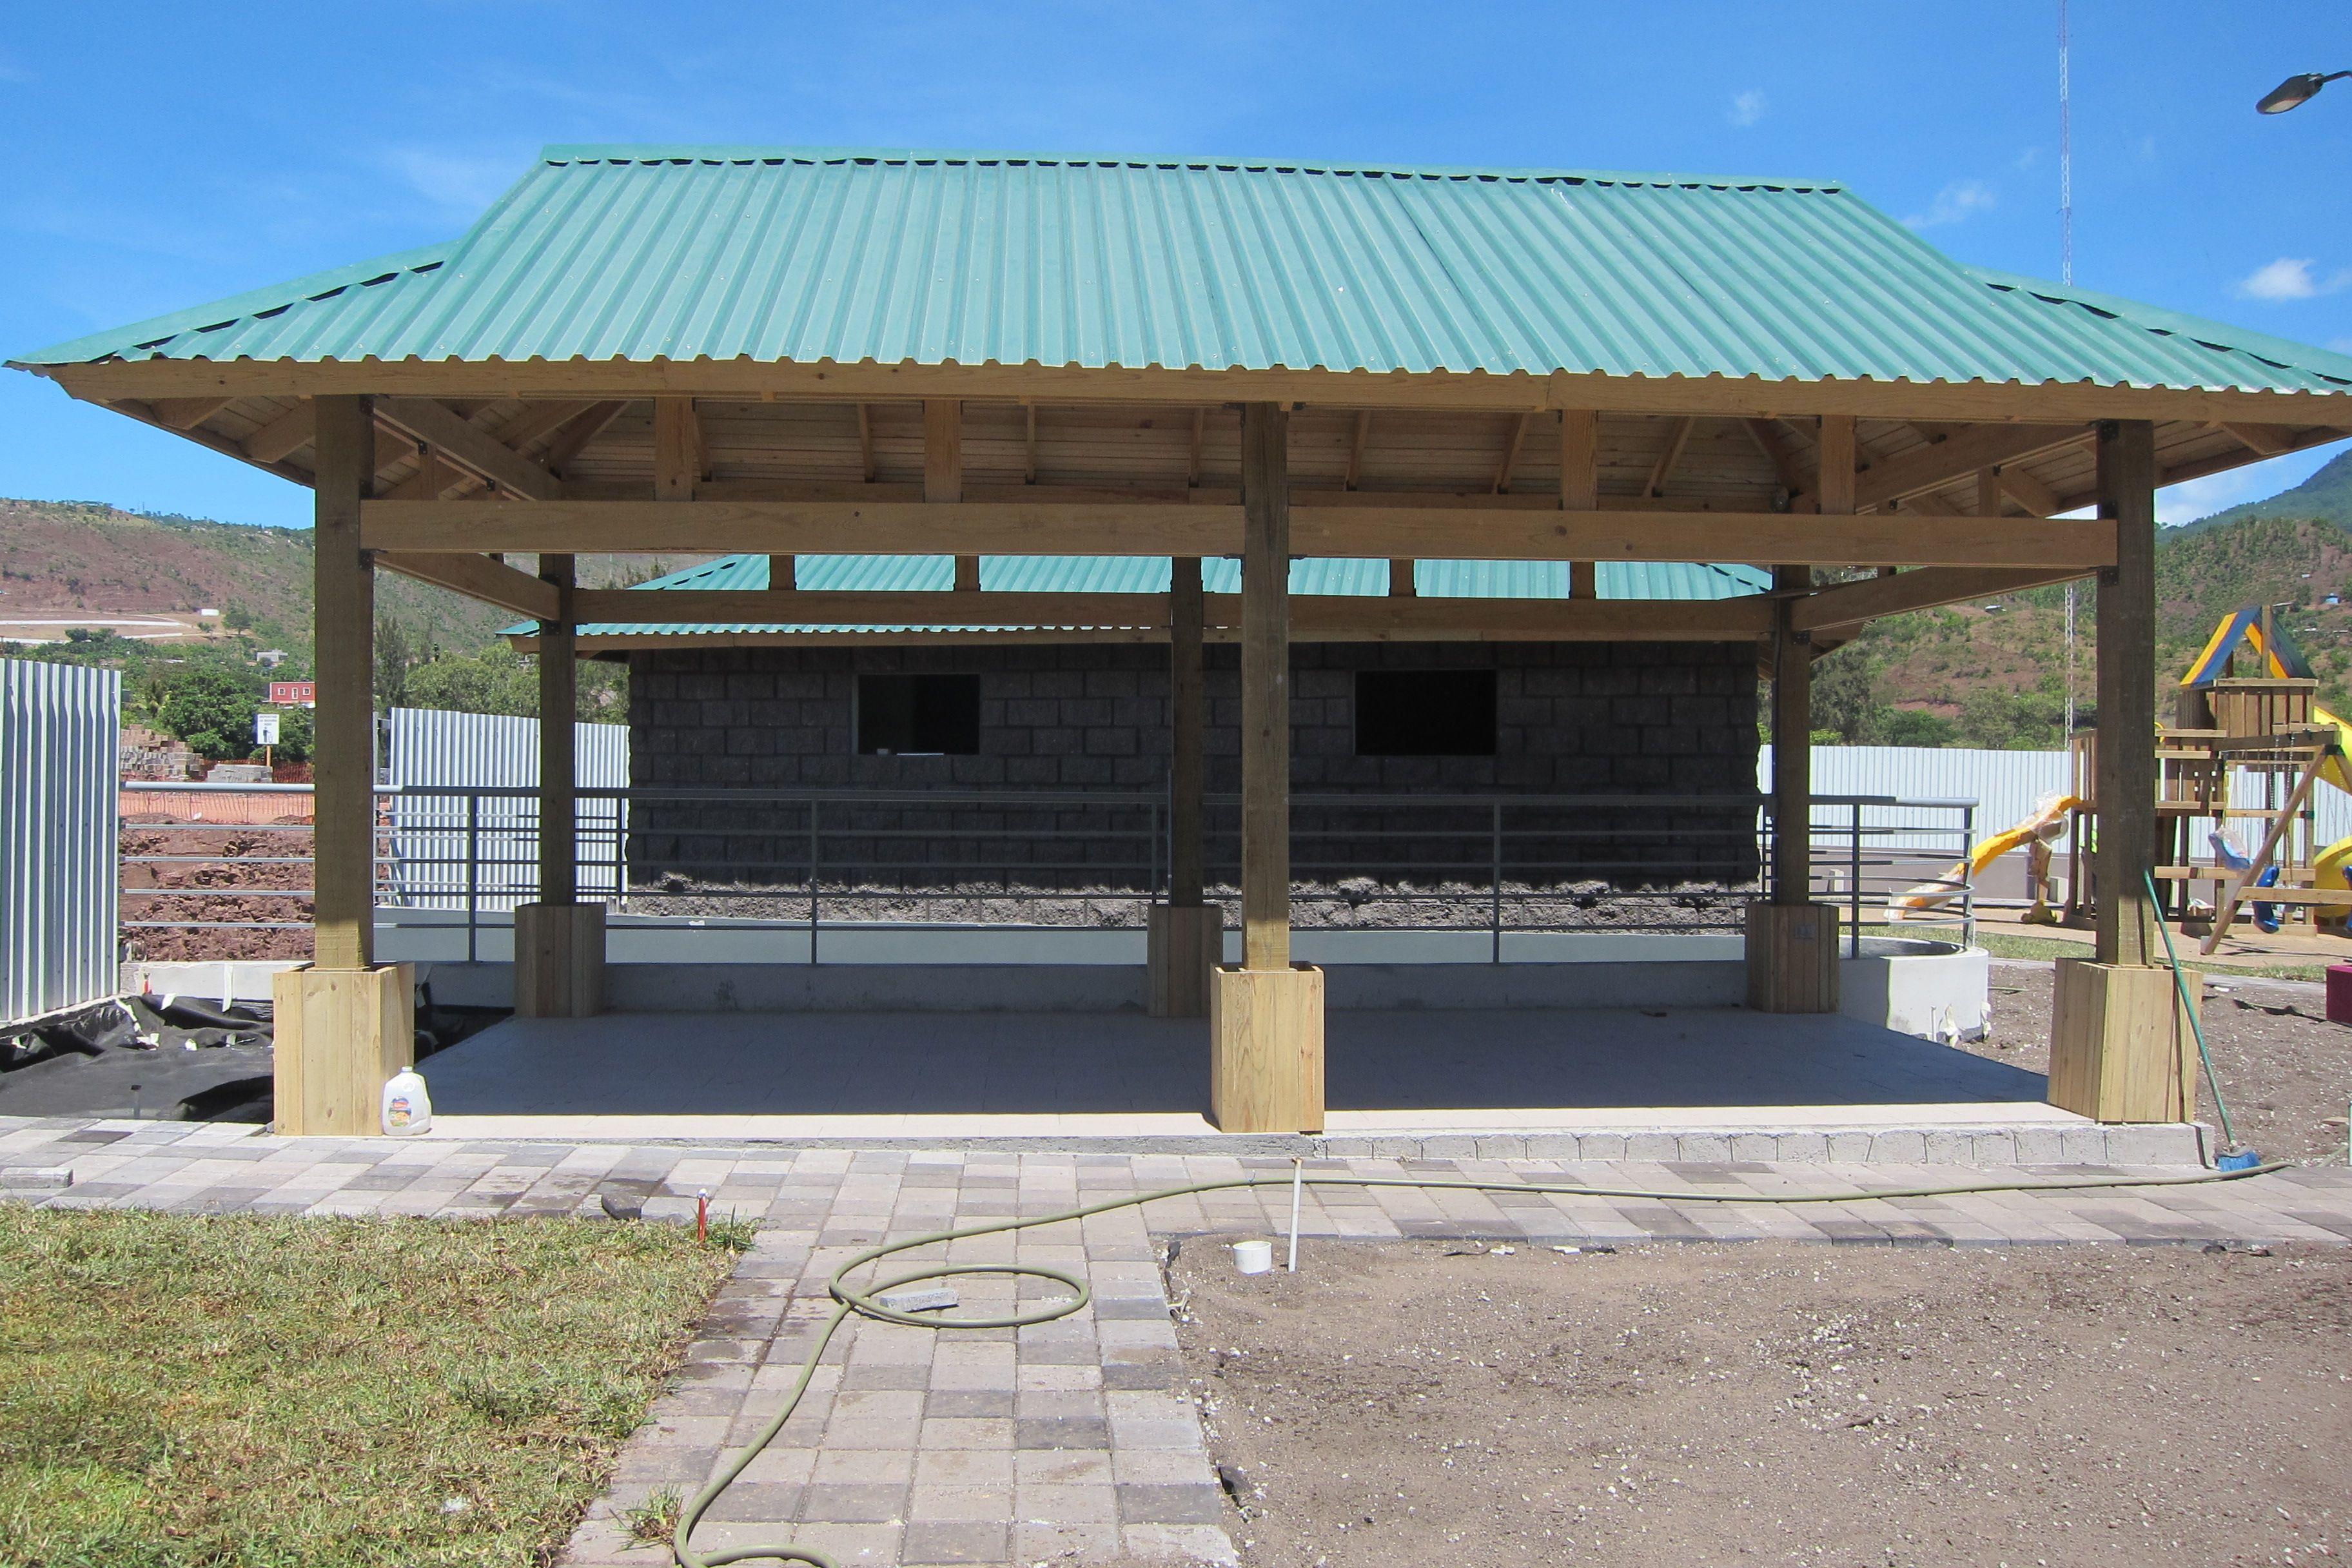 Avances constructivos del rea social kiosco estructura for Fotos de kioscos de madera